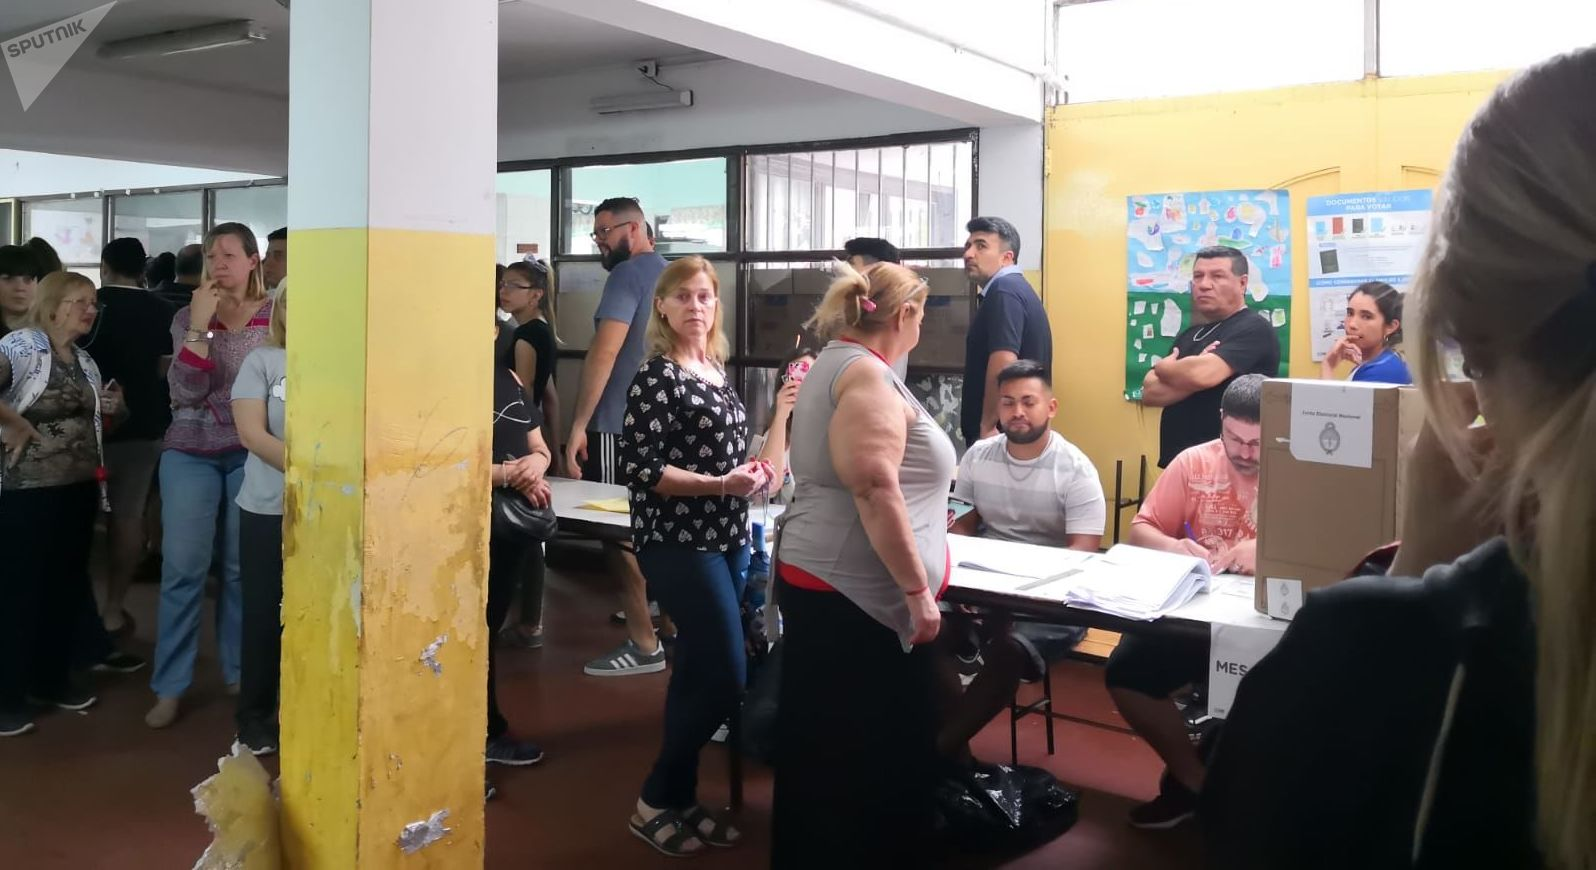 Votantes acuden a votar en la Escuela 30 Holanda, en Chingolo, Lanús, provincia de Buenos Aires